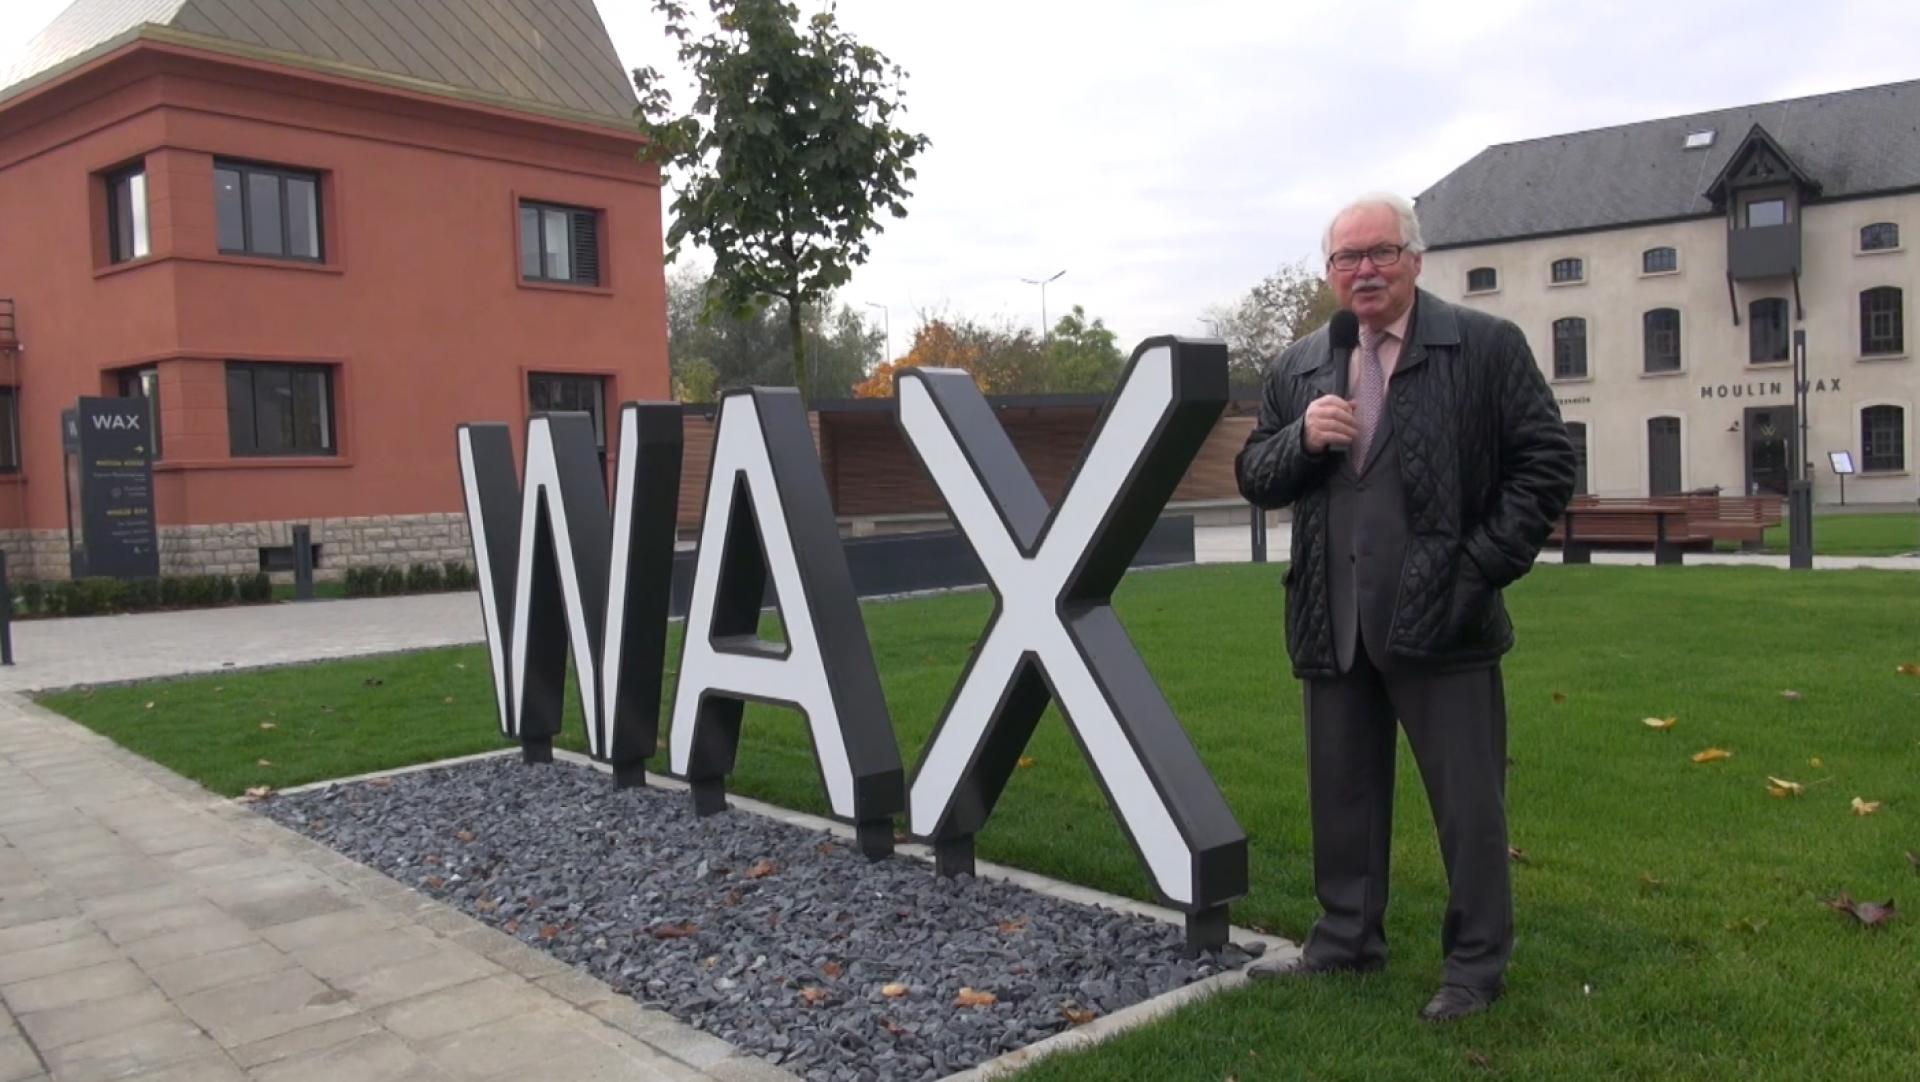 De Site Wax zu Péiteng: e klengen Aperçu